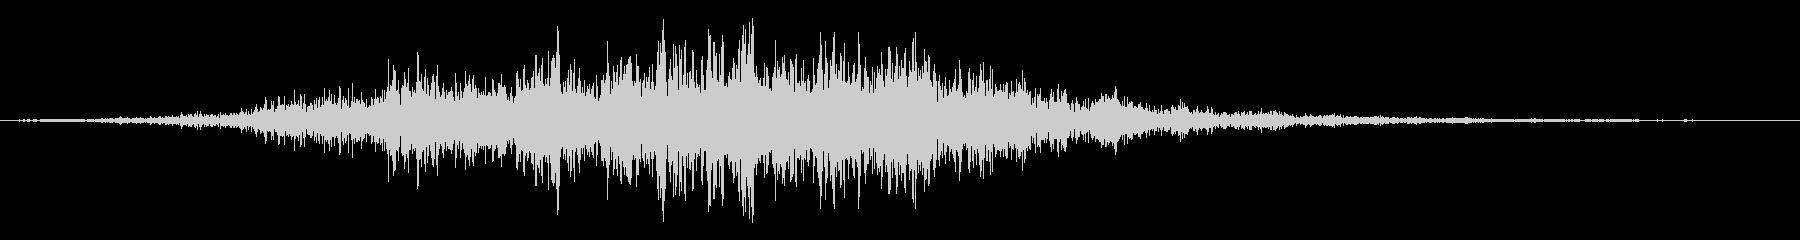 シュルルッ(高速音)の未再生の波形